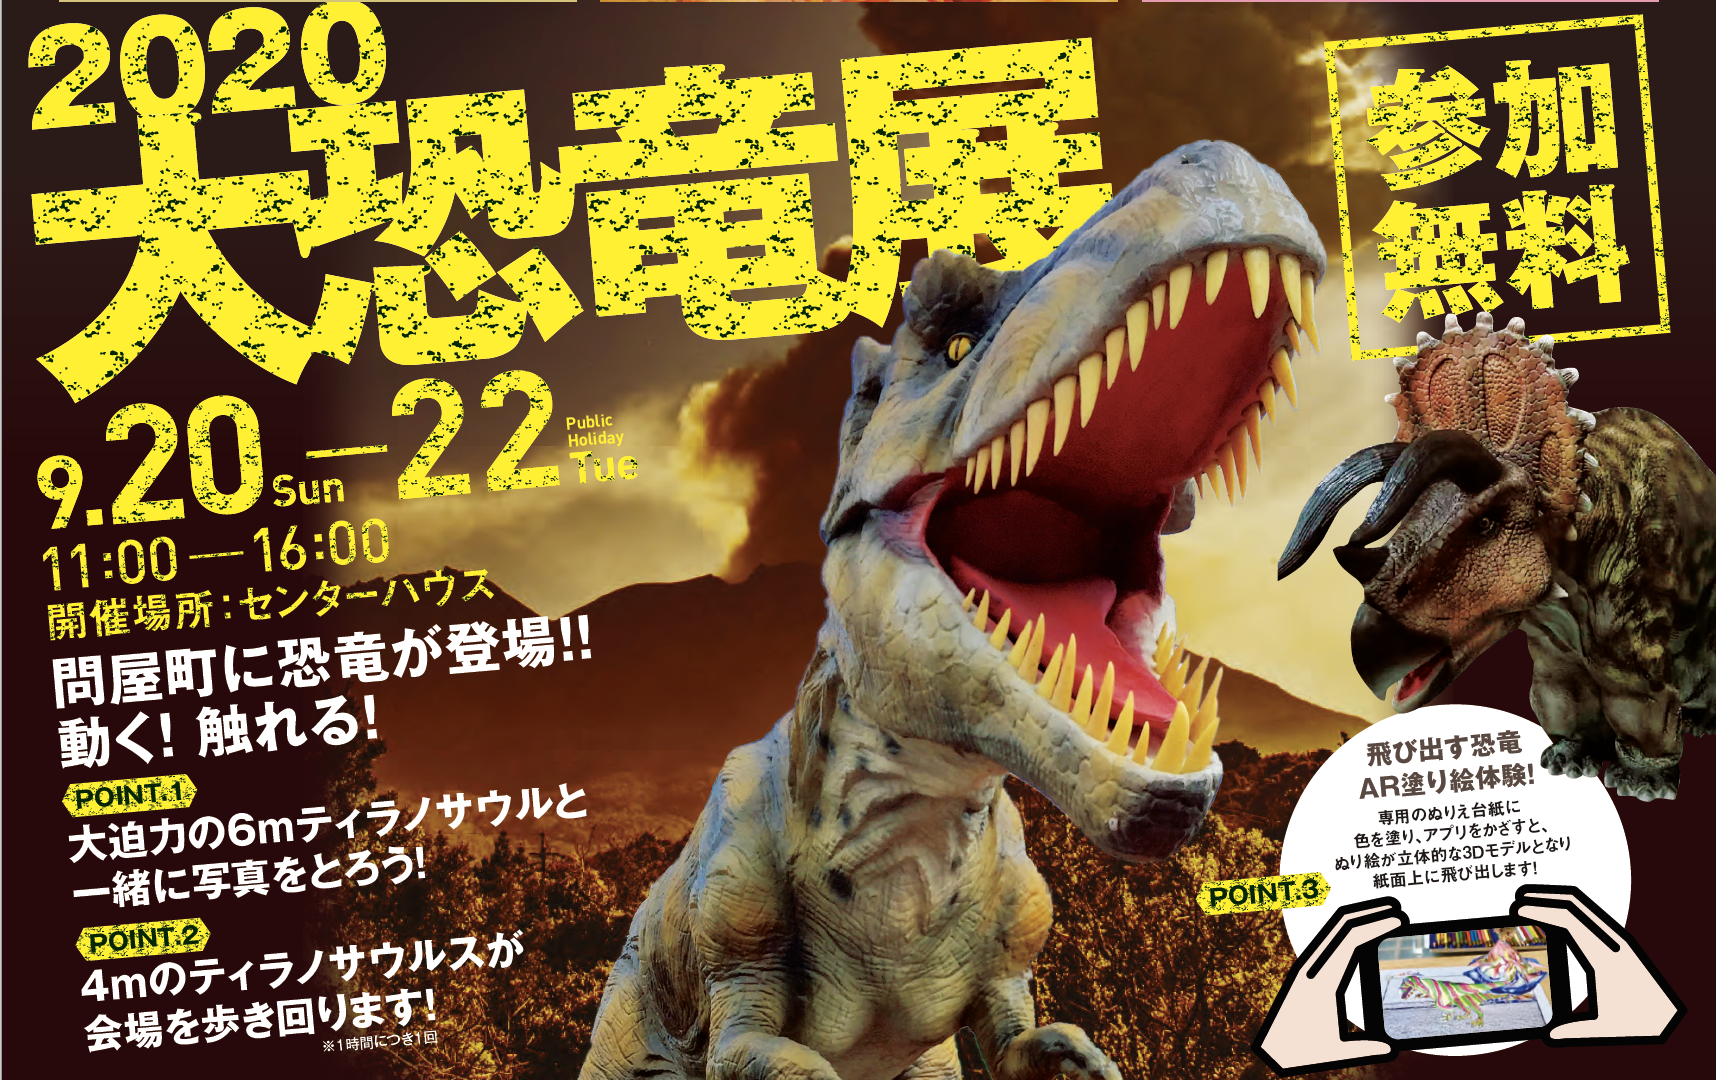 6メートルの恐竜がやってくる!?